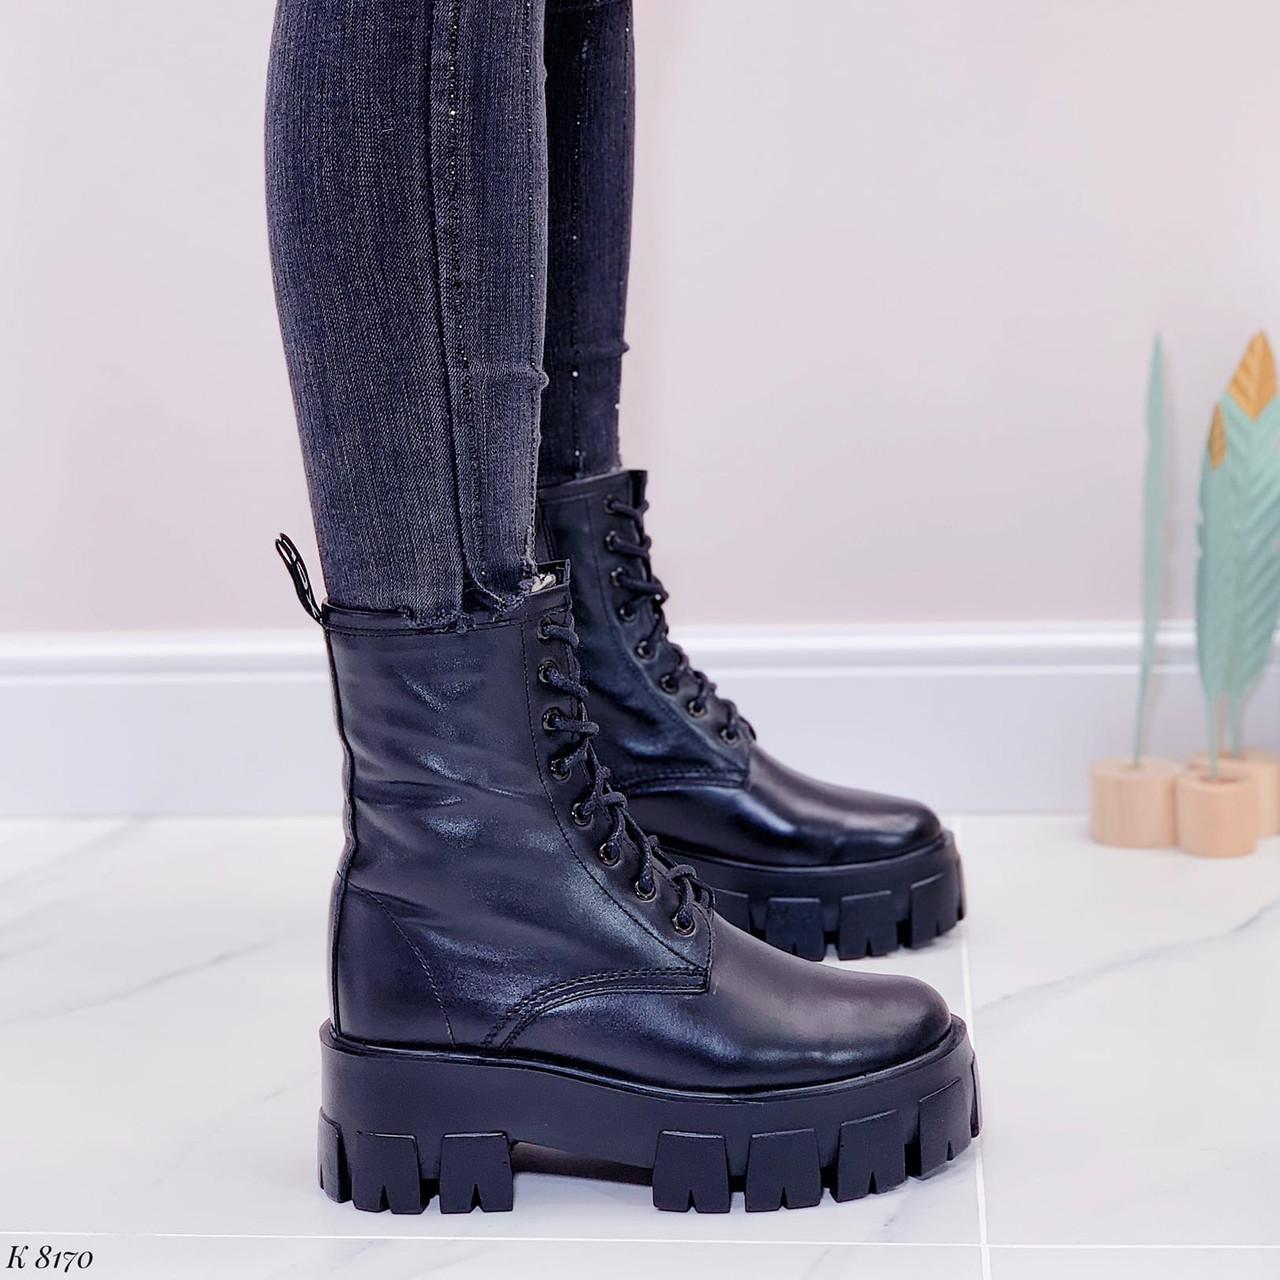 Женские ботинки ЗИМА черные на шнуровке натуральная кожа